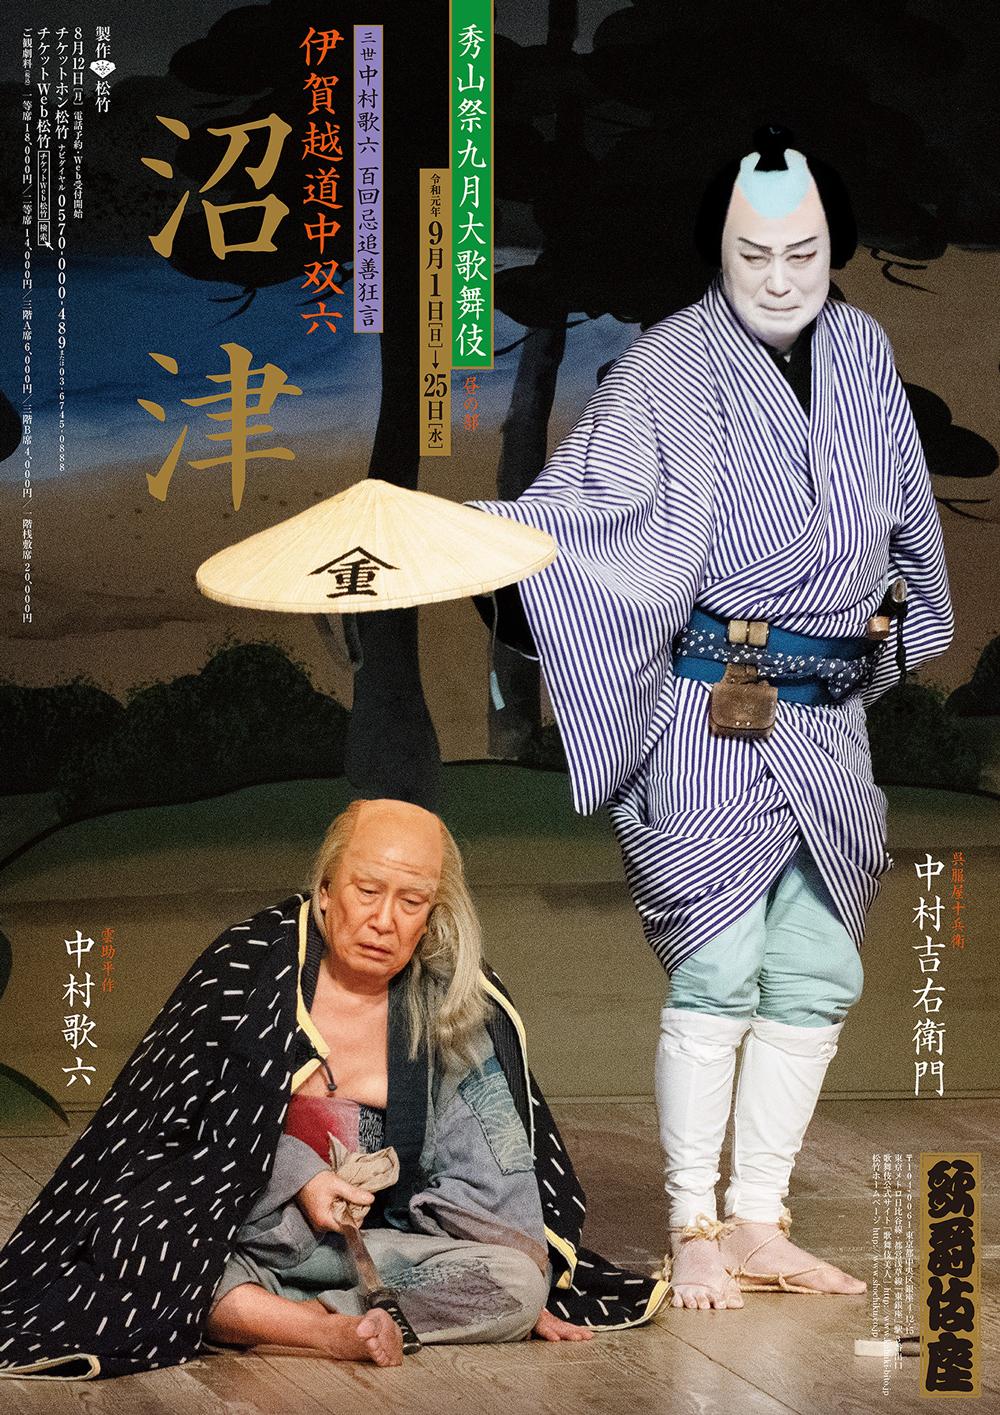 歌舞伎座「秀山祭九月大歌舞伎」特別ポスター公開